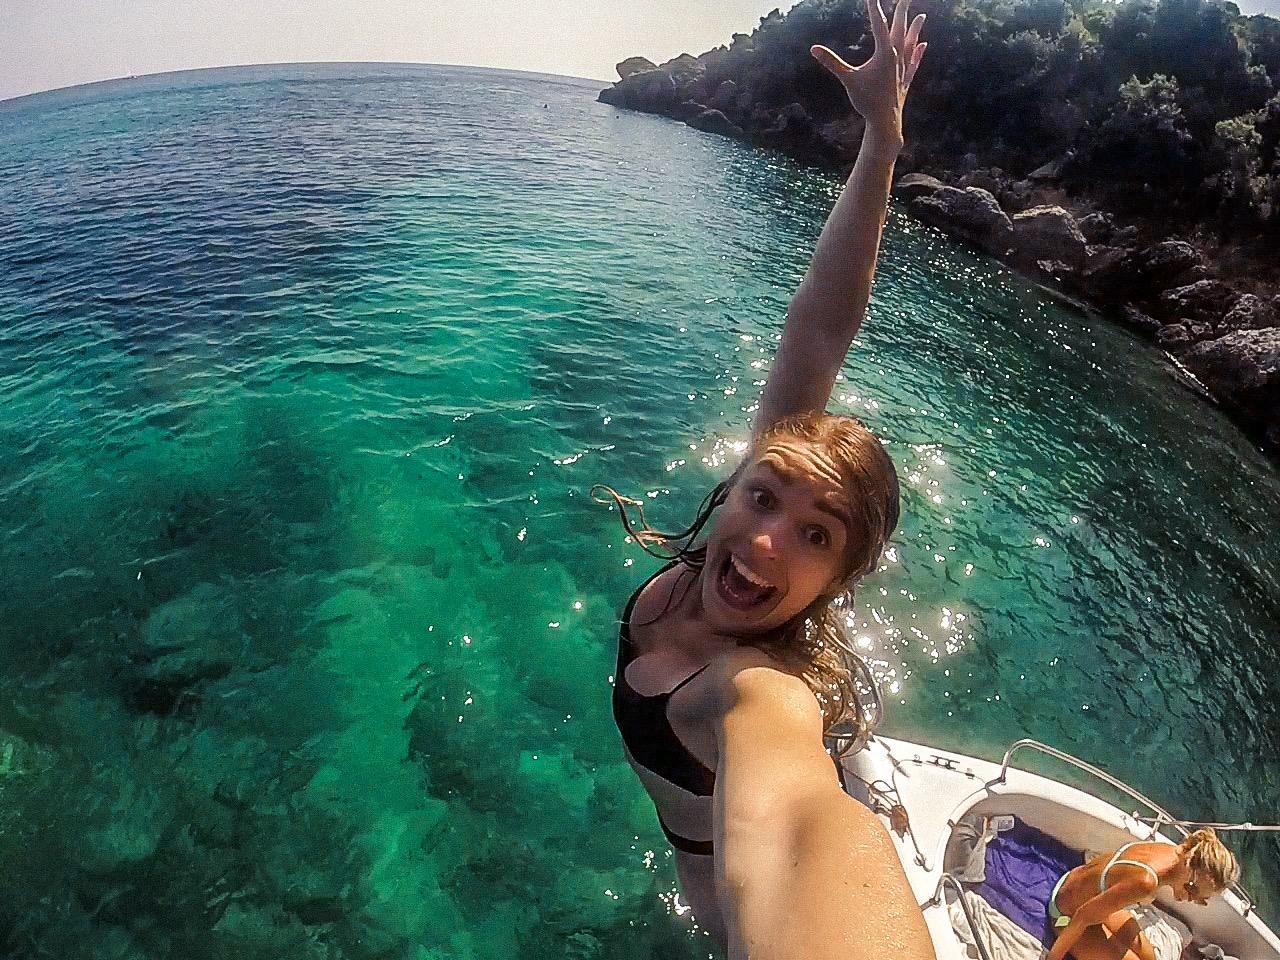 Girl jumping in sea